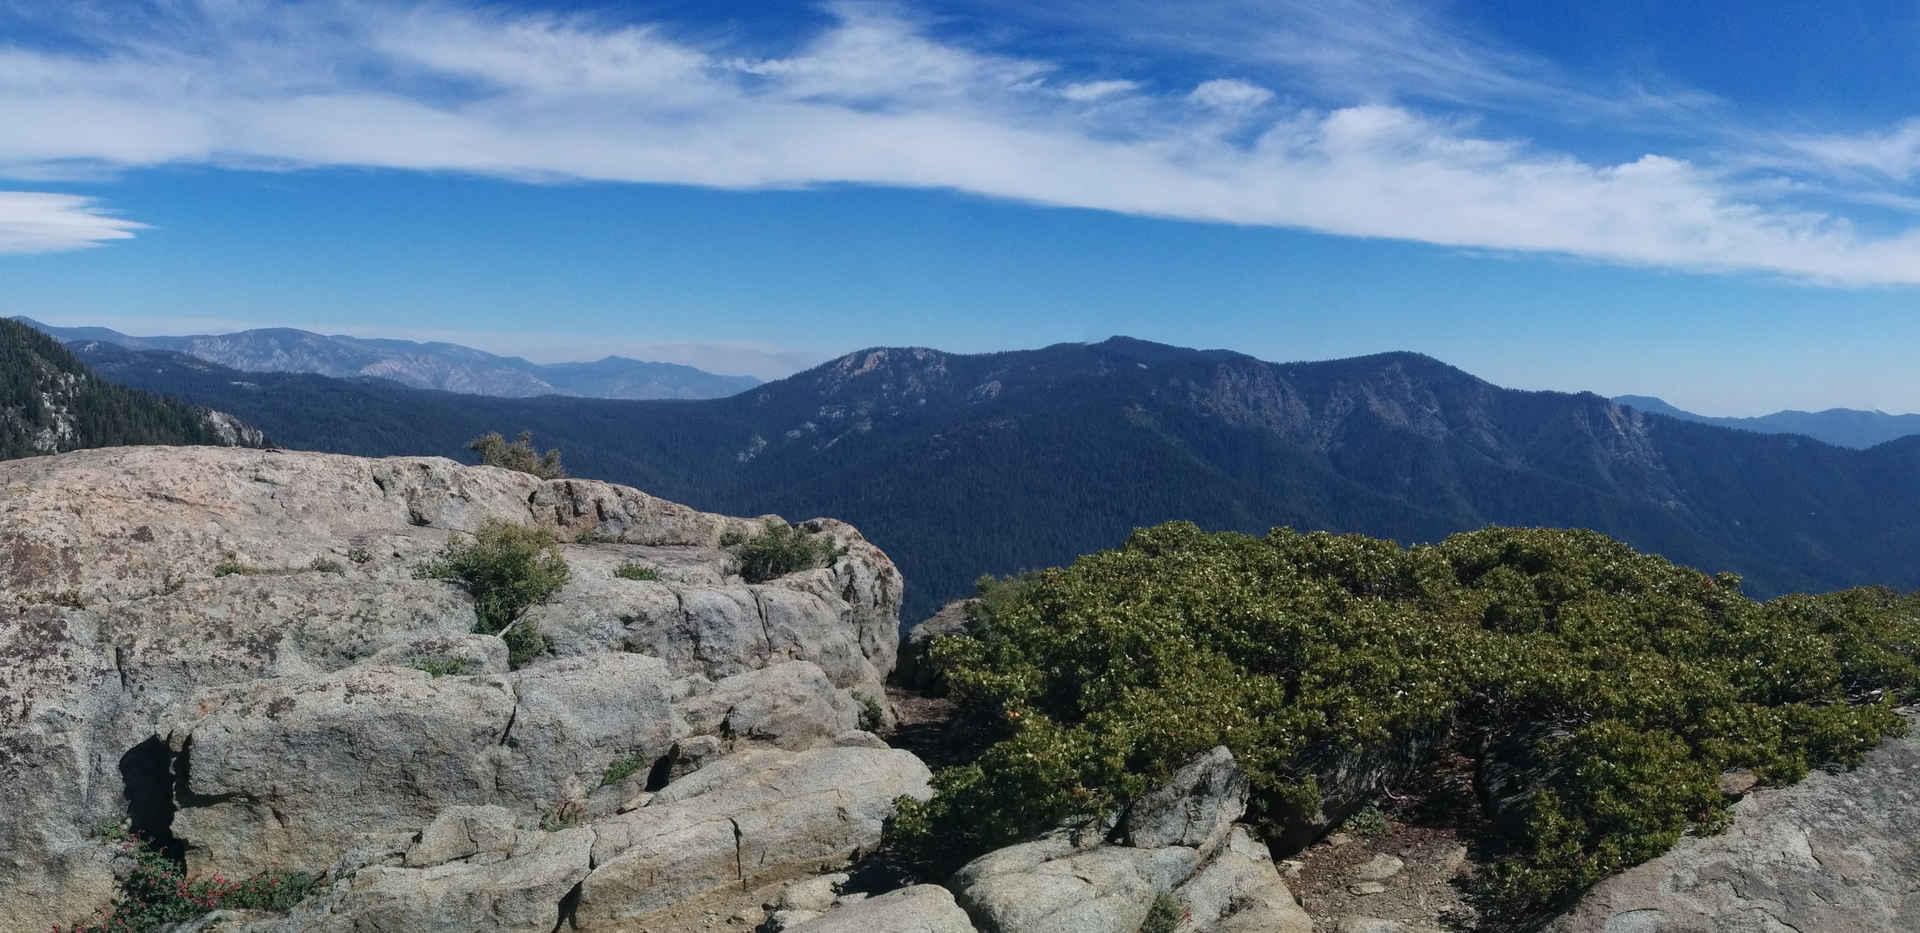 McIntyre Rock View Left